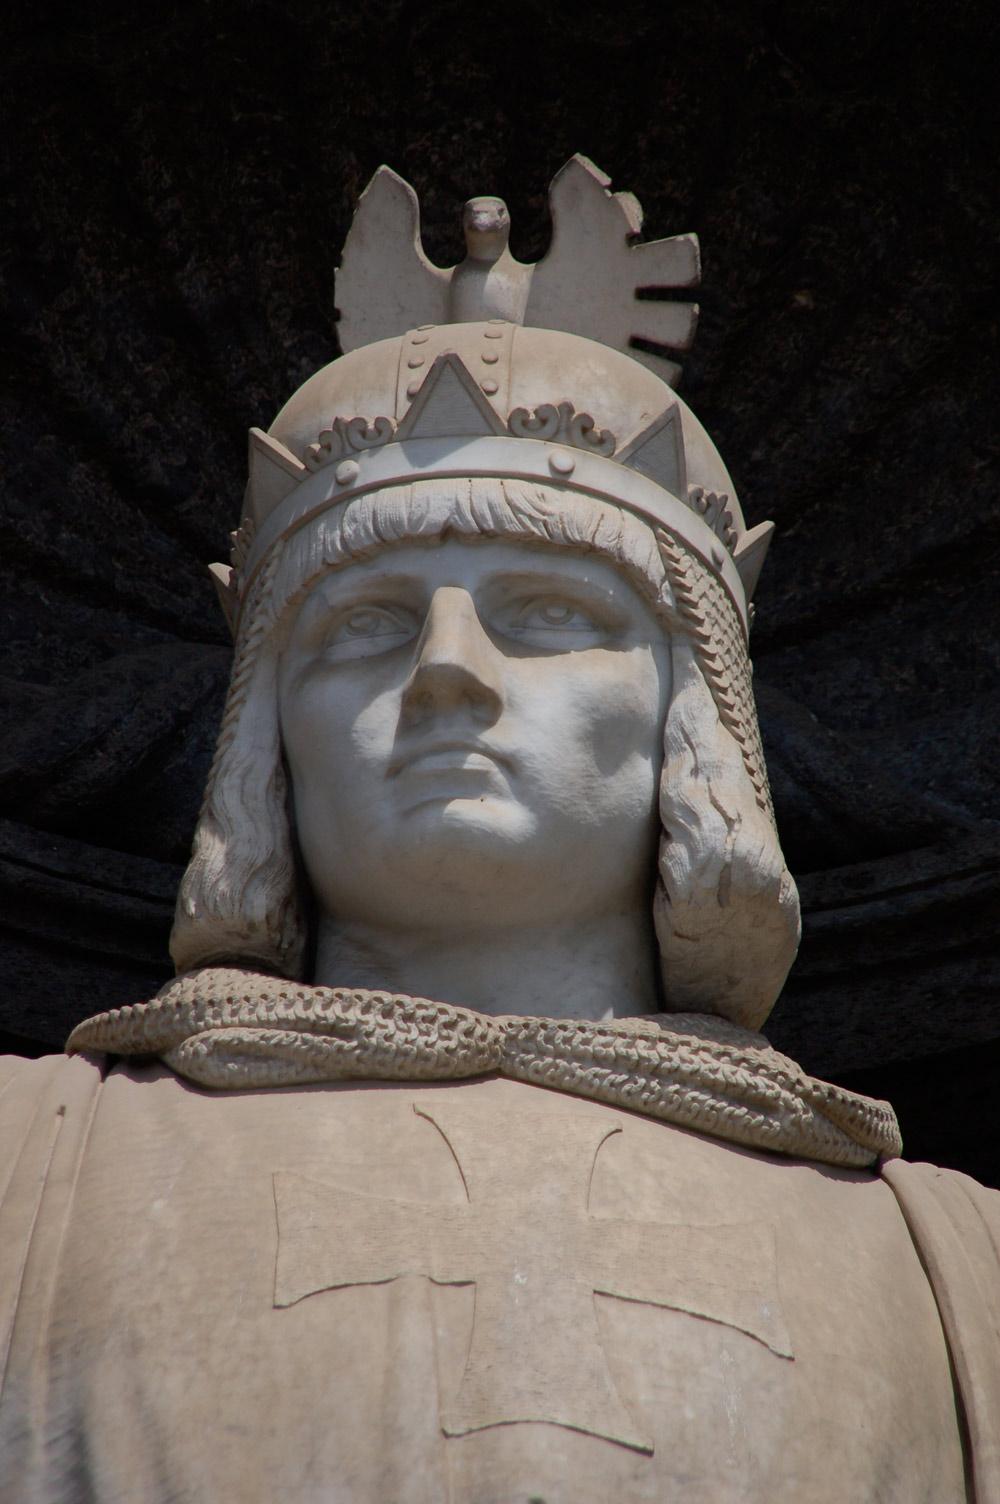 Emanuele Caggiano, Statua di Federico II, dettaglio (1887; marmo; Napoli, Palazzo Reale)